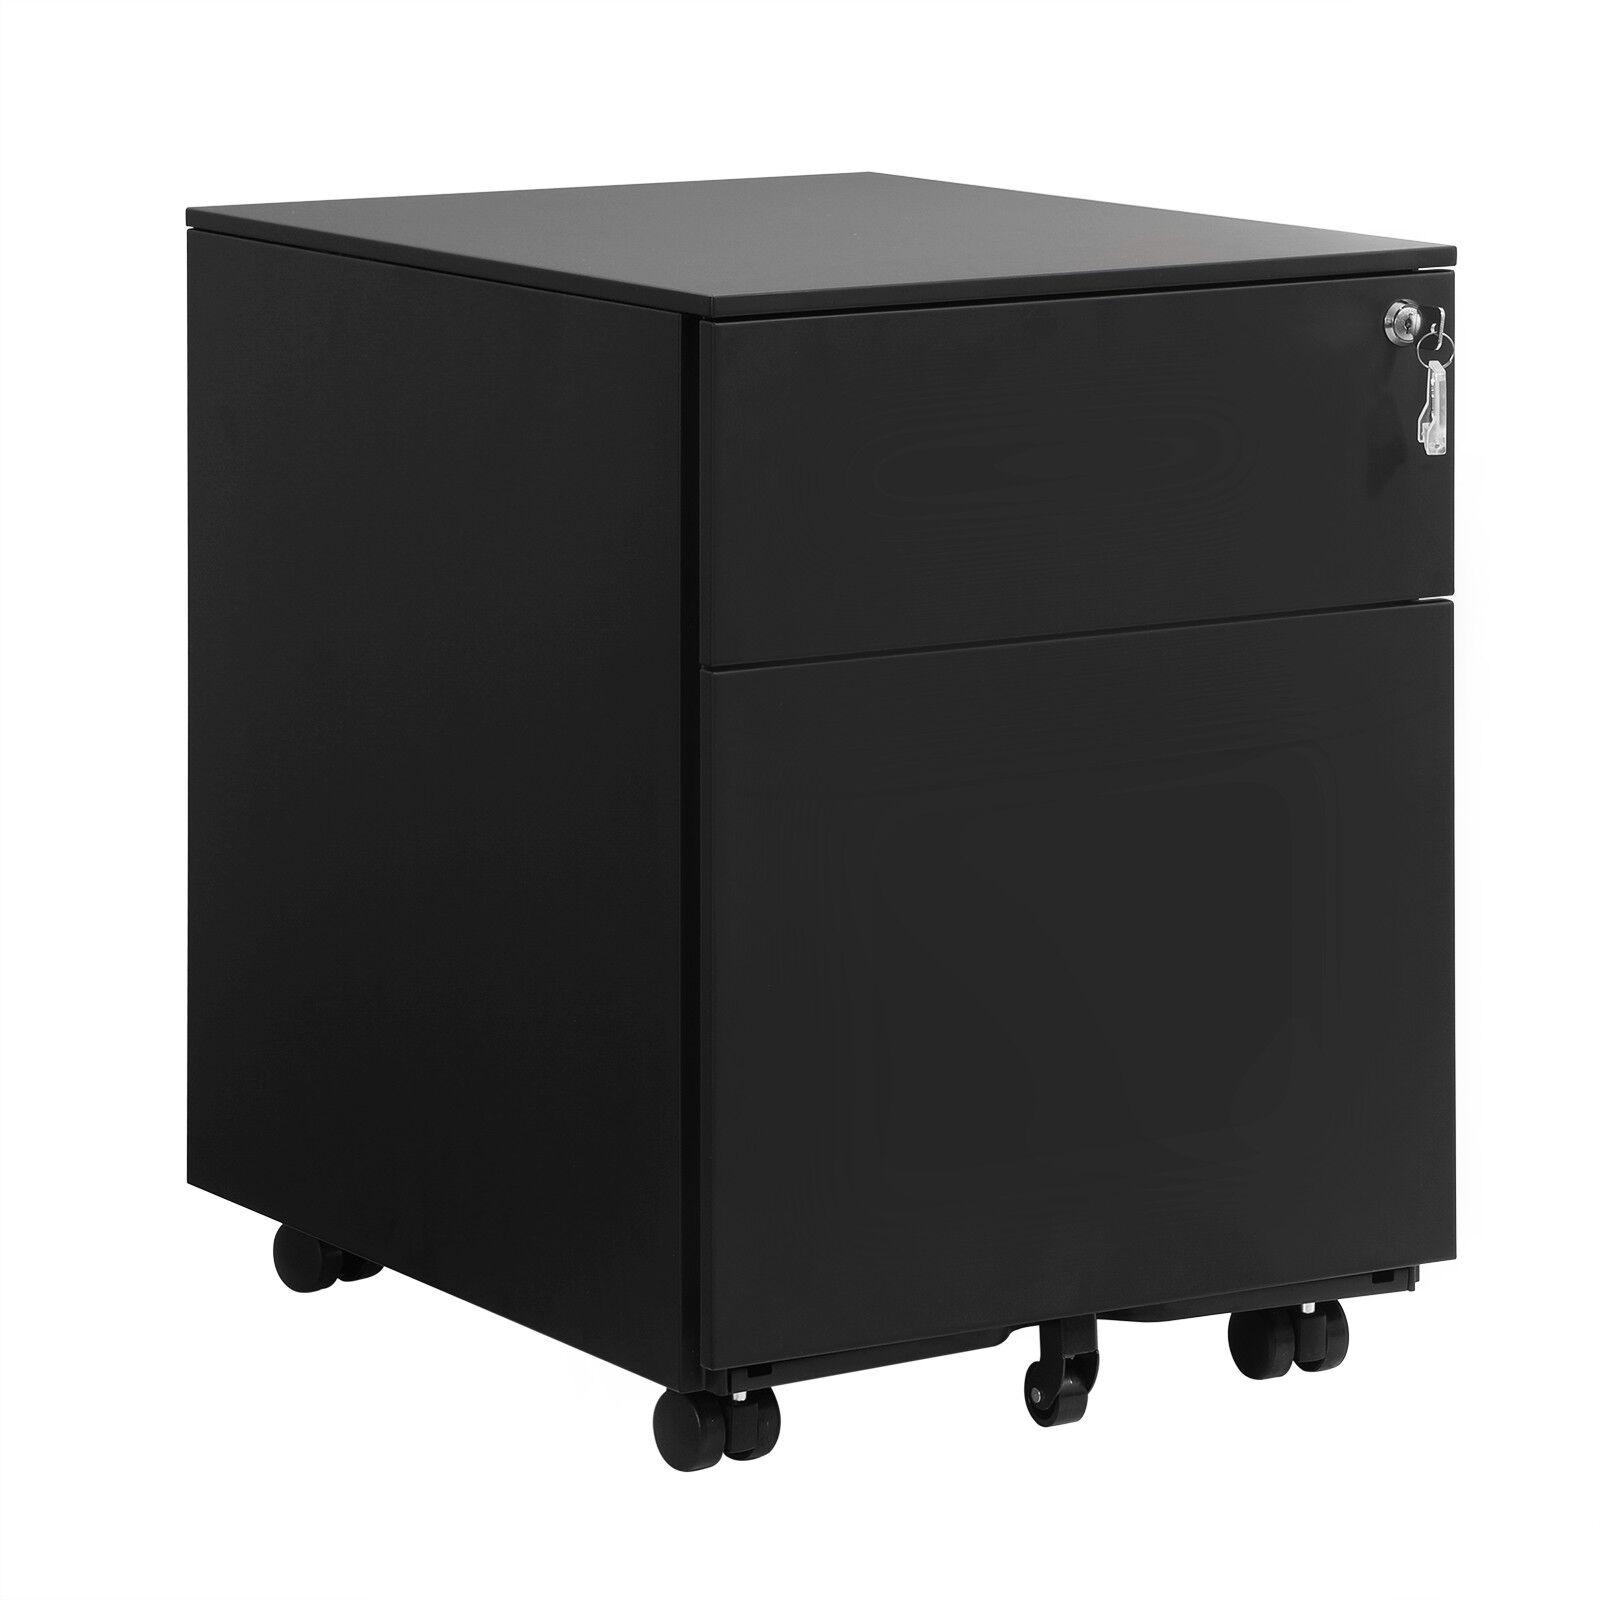 Rollcontainer Schreibtisch Stahlcontainer Büroschrank Rollwagen Metalls OFC50BK